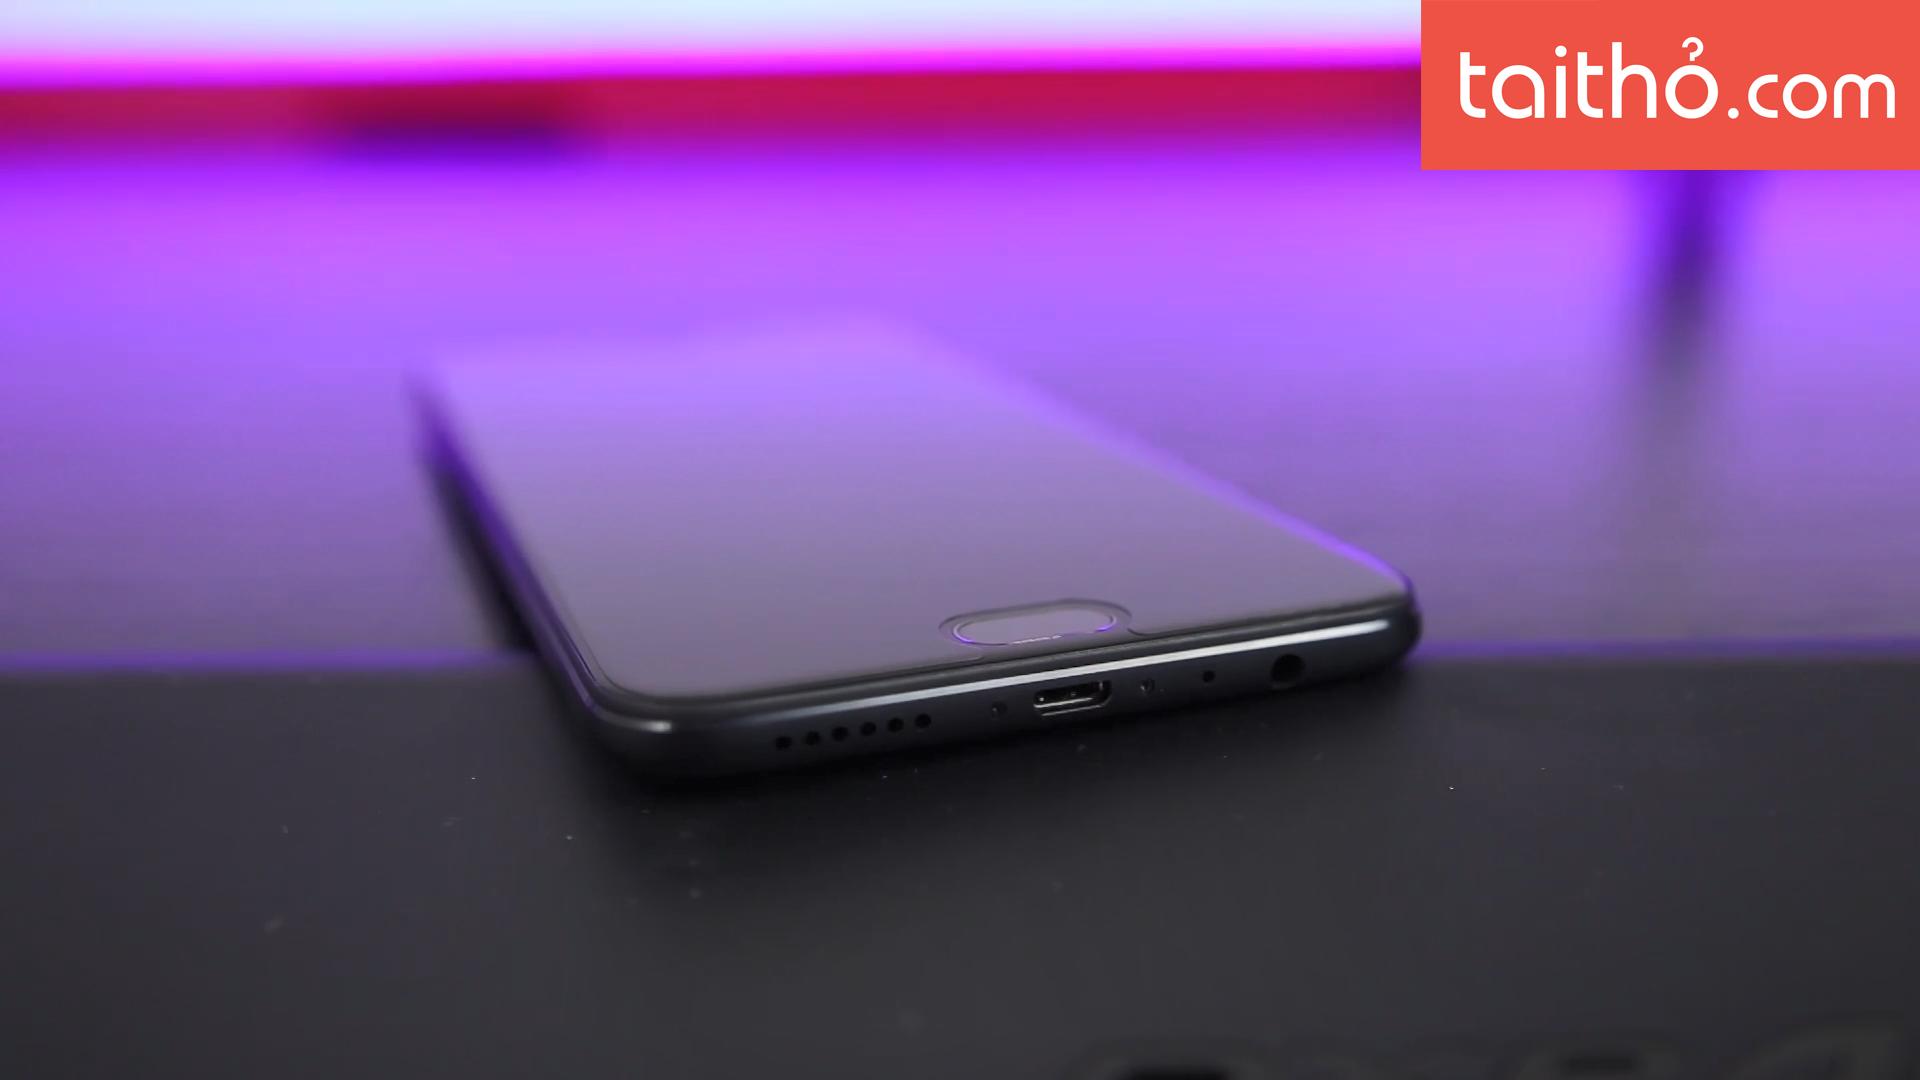 Đánh giá chi tiết Oppo F3 Plus - Ảnh 7